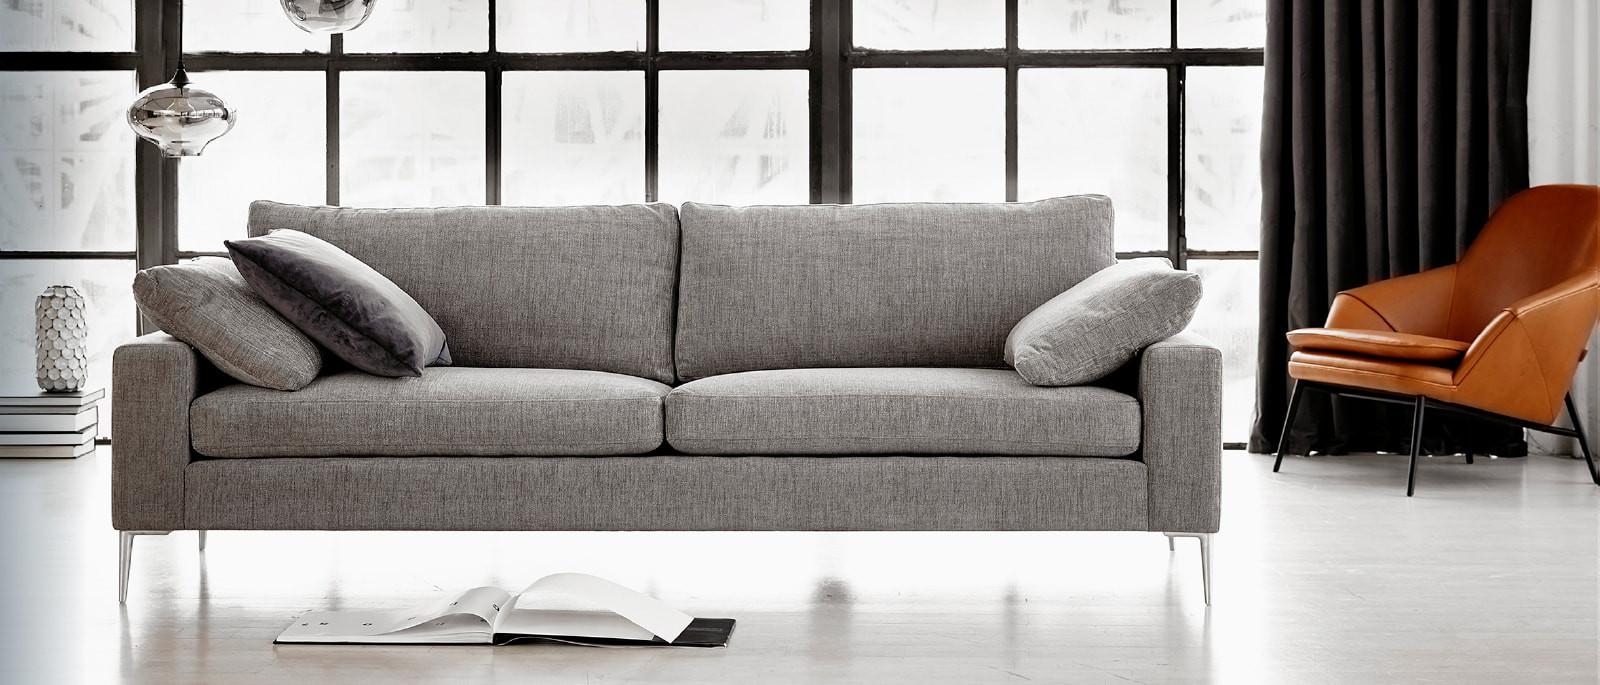 messer wohnen gute wahl guter preis. Black Bedroom Furniture Sets. Home Design Ideas